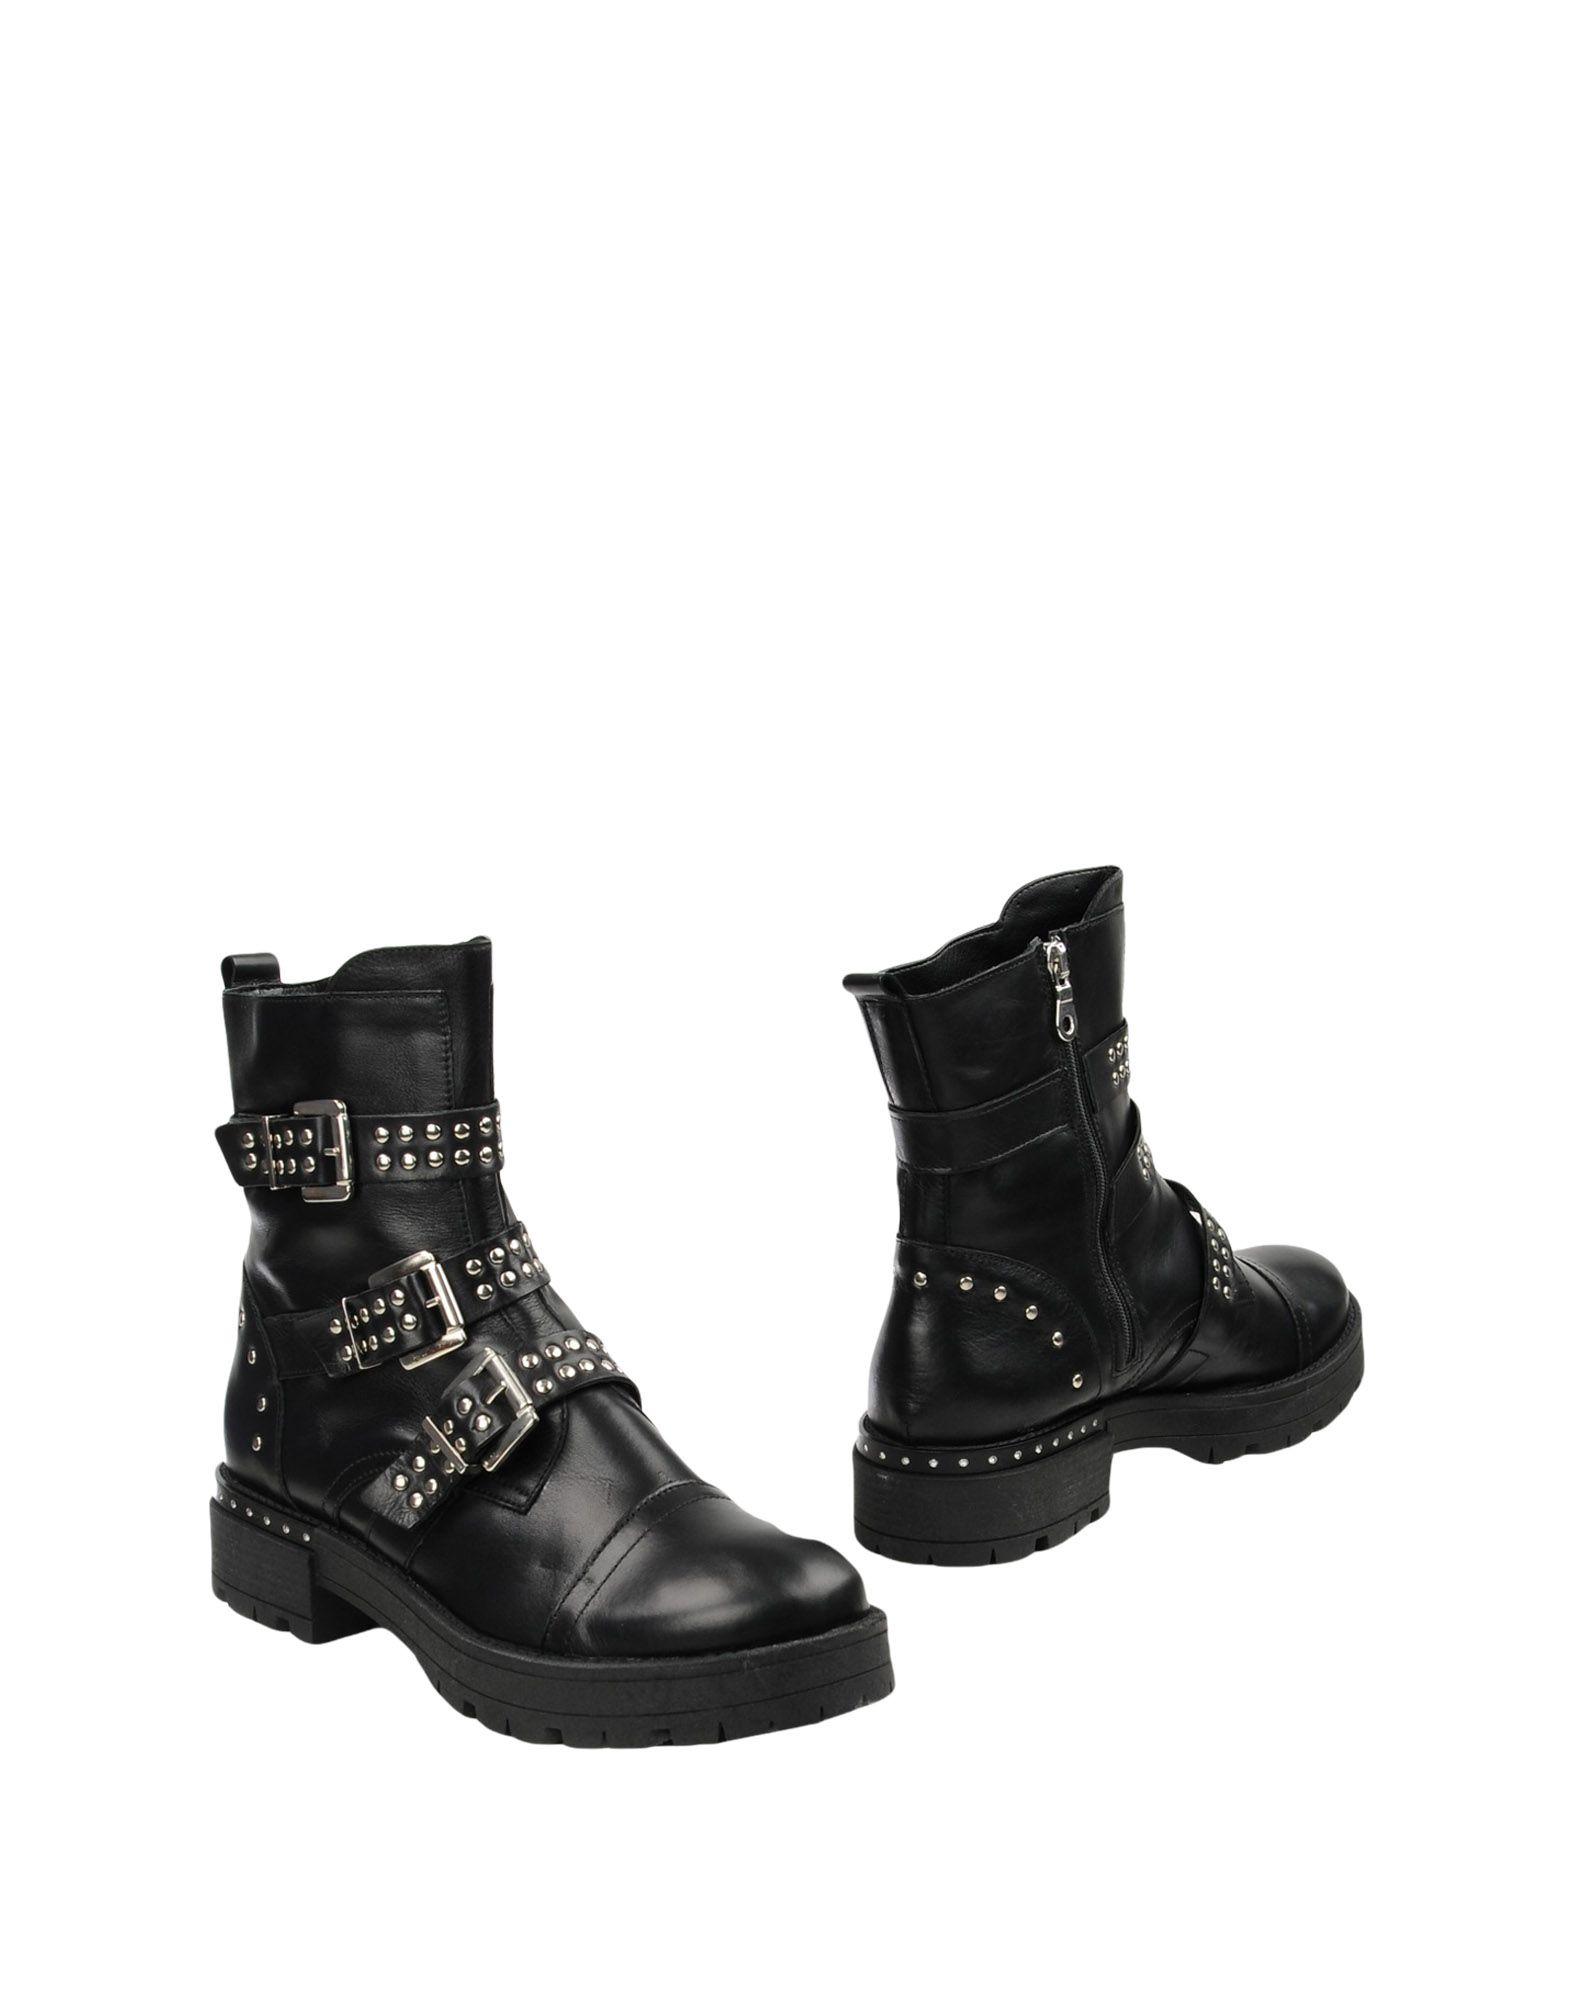 Pierre Darré Stiefelette Damen  11383092OJ Gute Qualität beliebte Schuhe